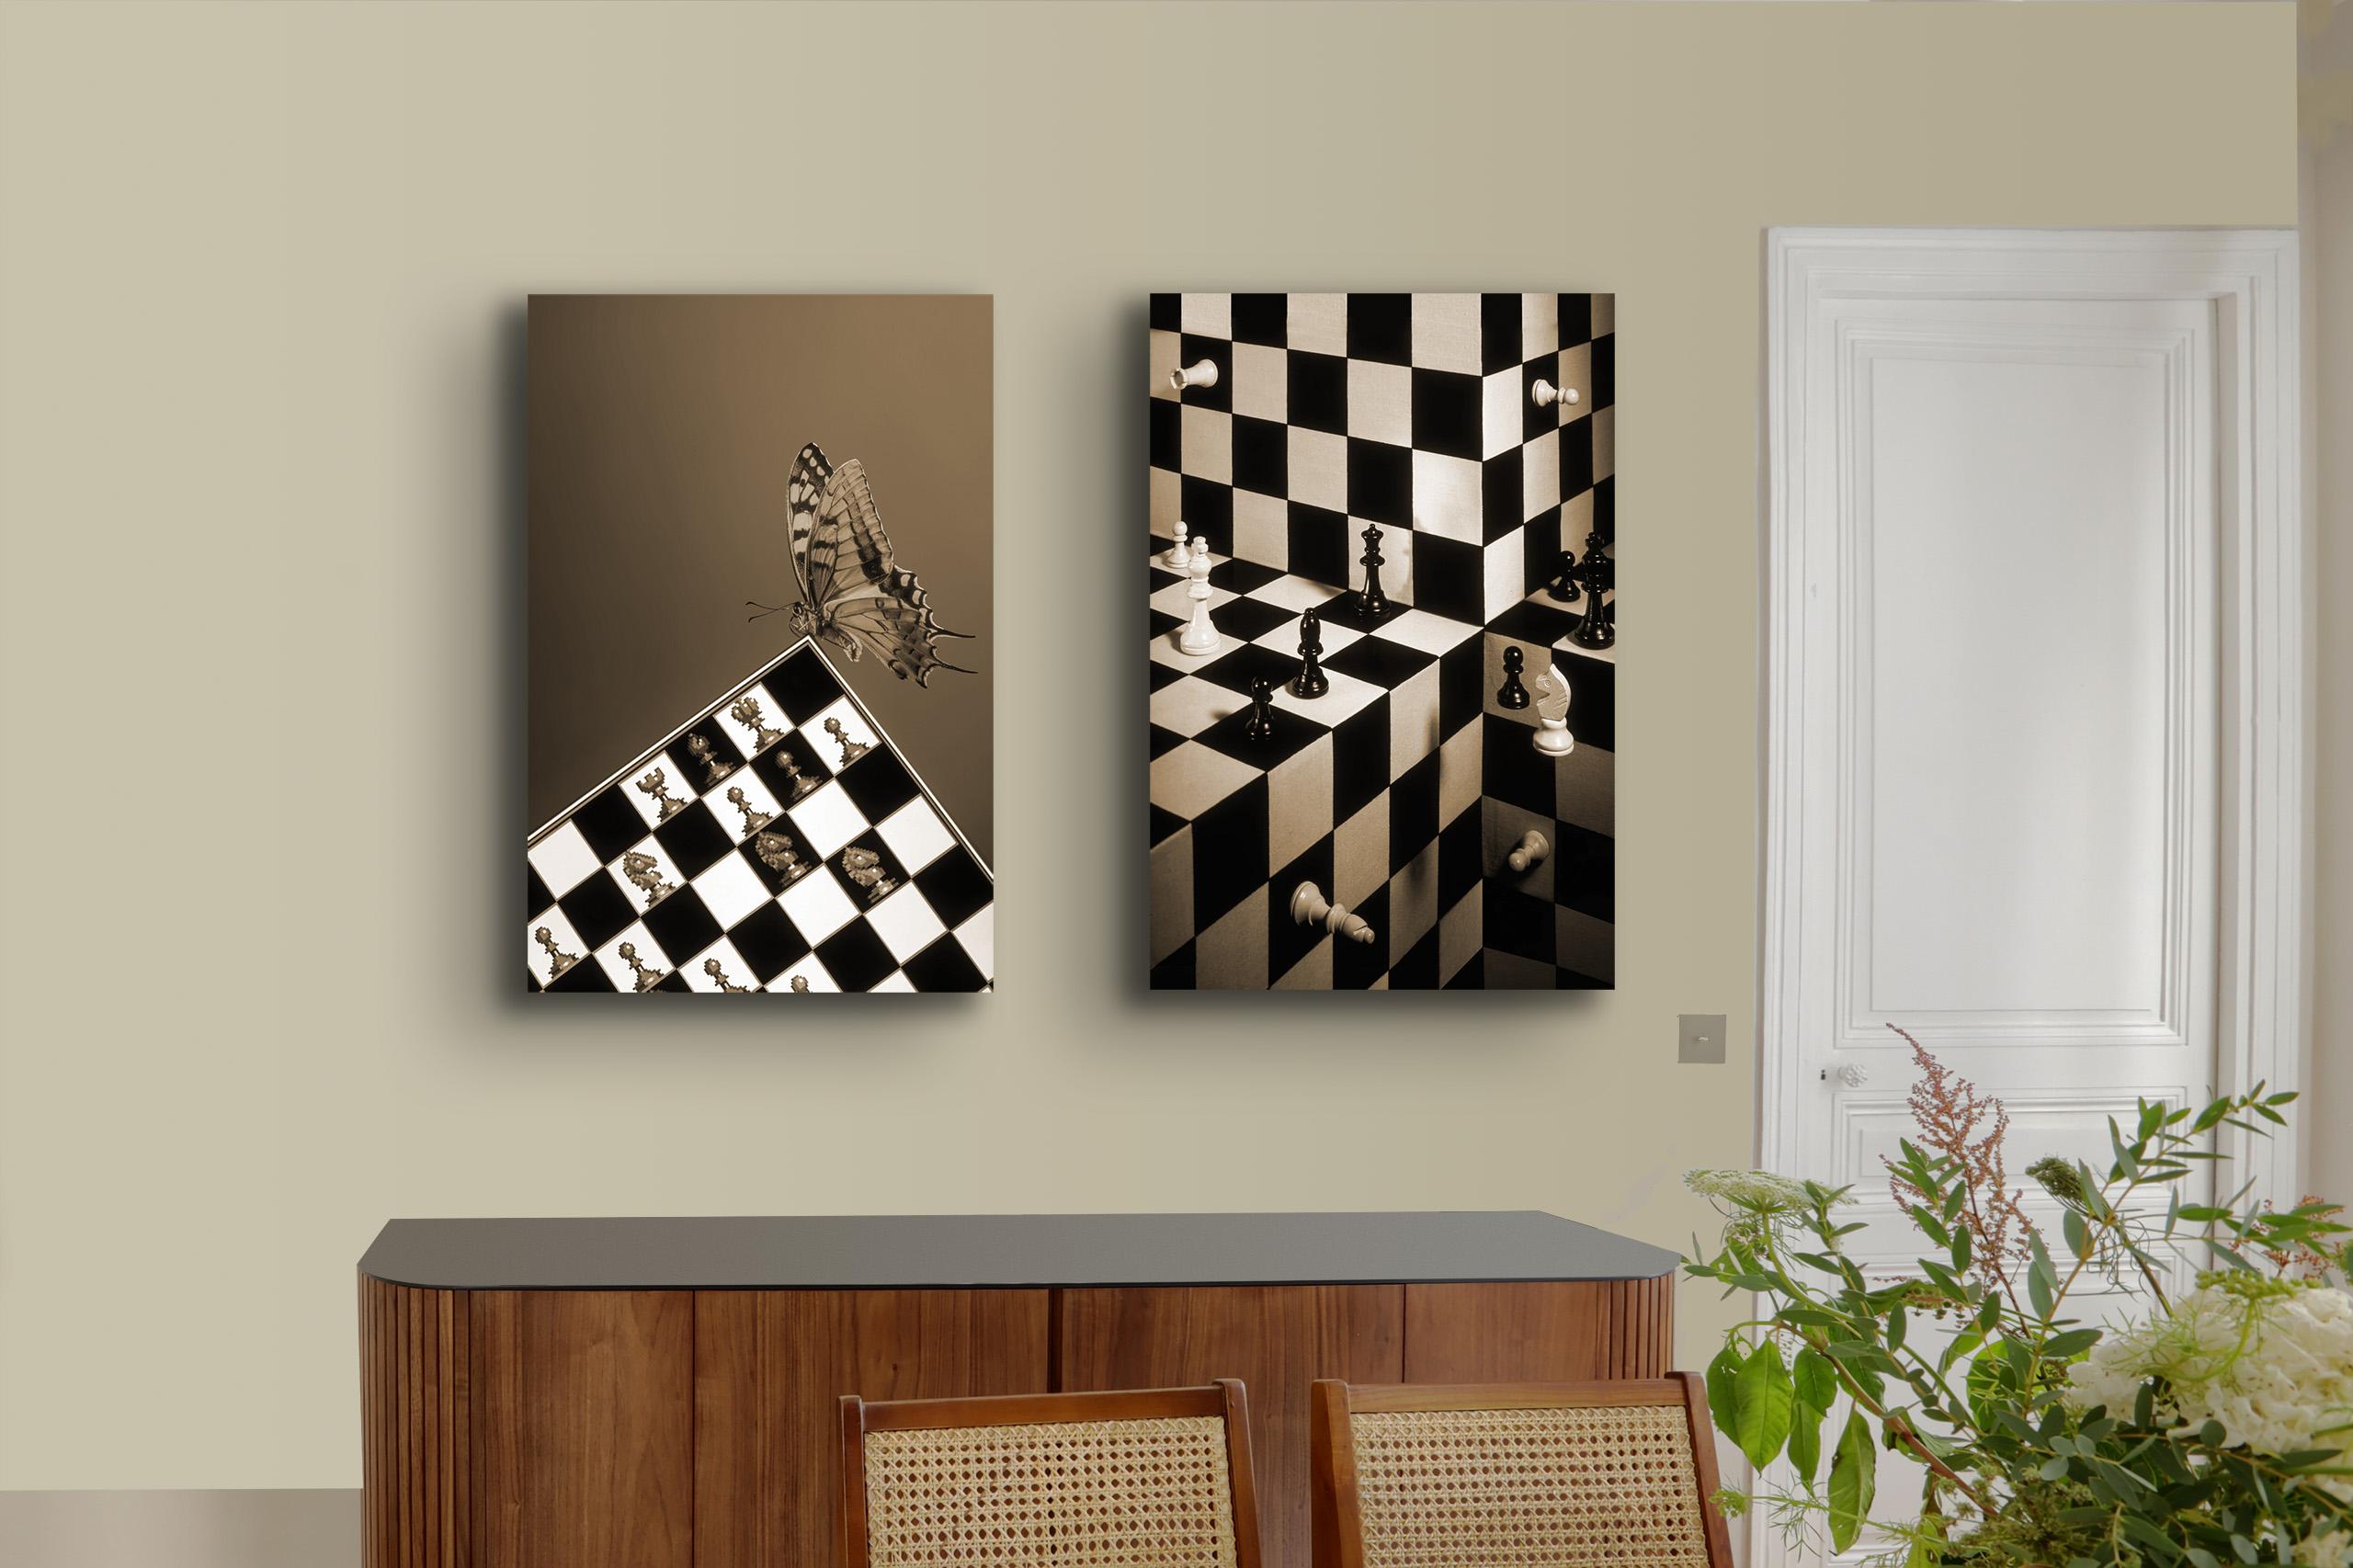 Chess Eischer delirium